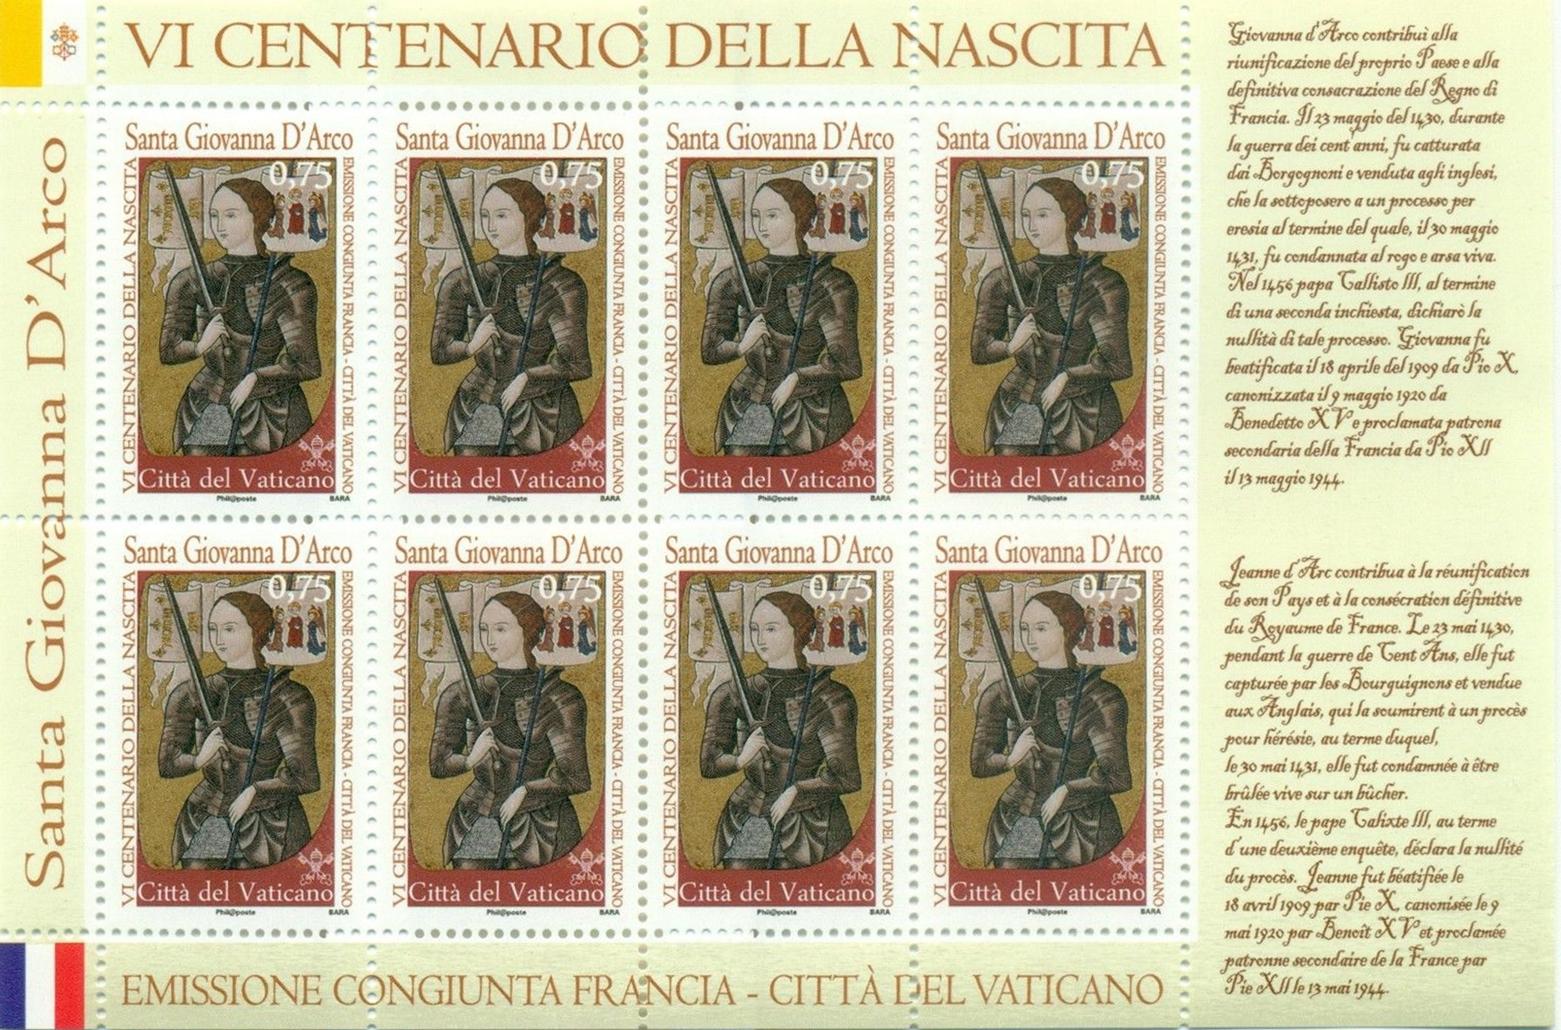 Vatican City - Scott #1499 (2012) miniature sheet of 8